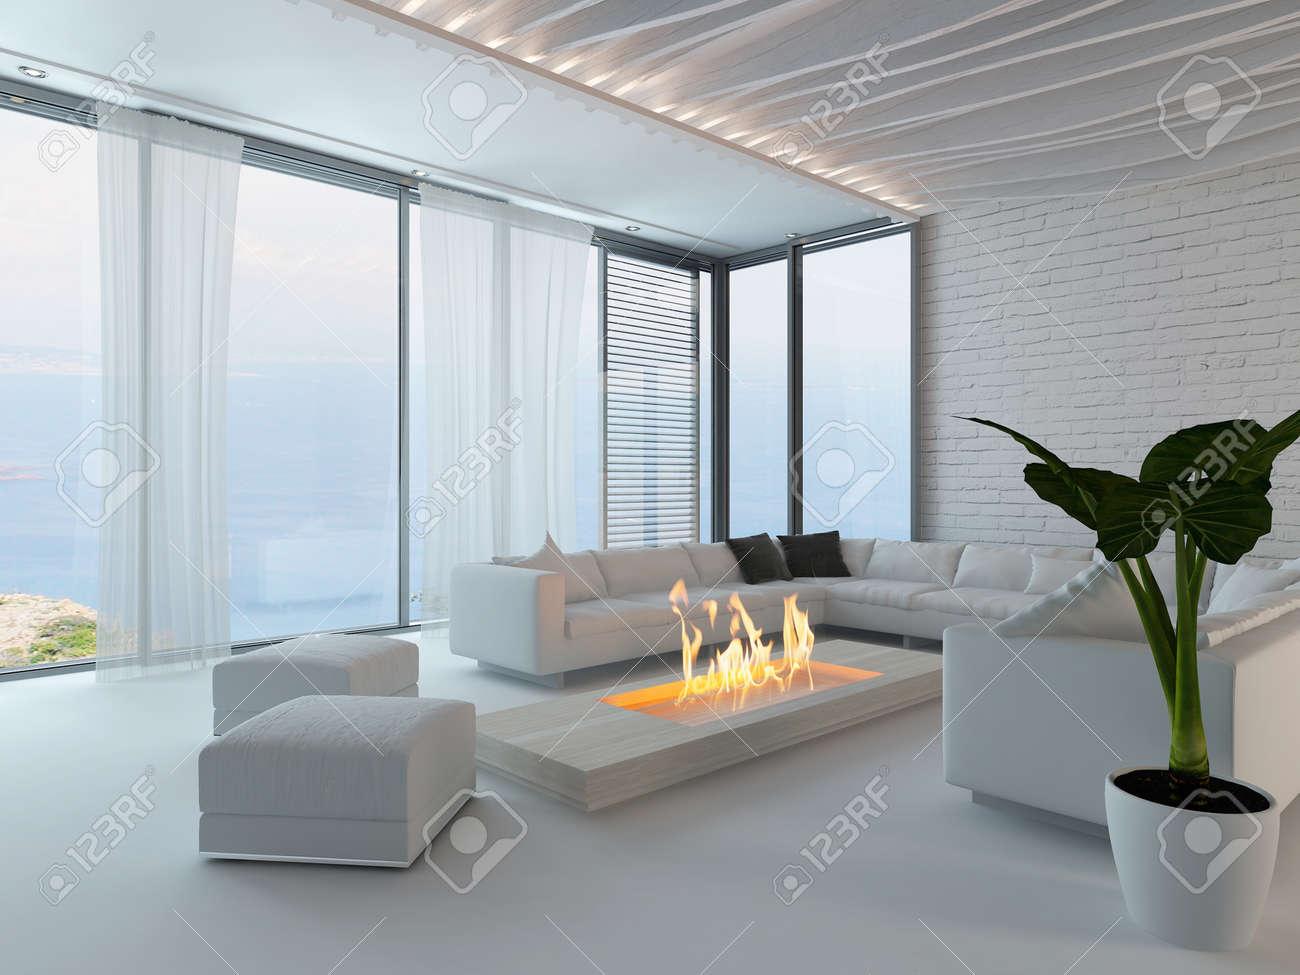 arredare soggiorno con camino moderno: divisorio cucina soggiorno ... - Salone Moderno Con Camino